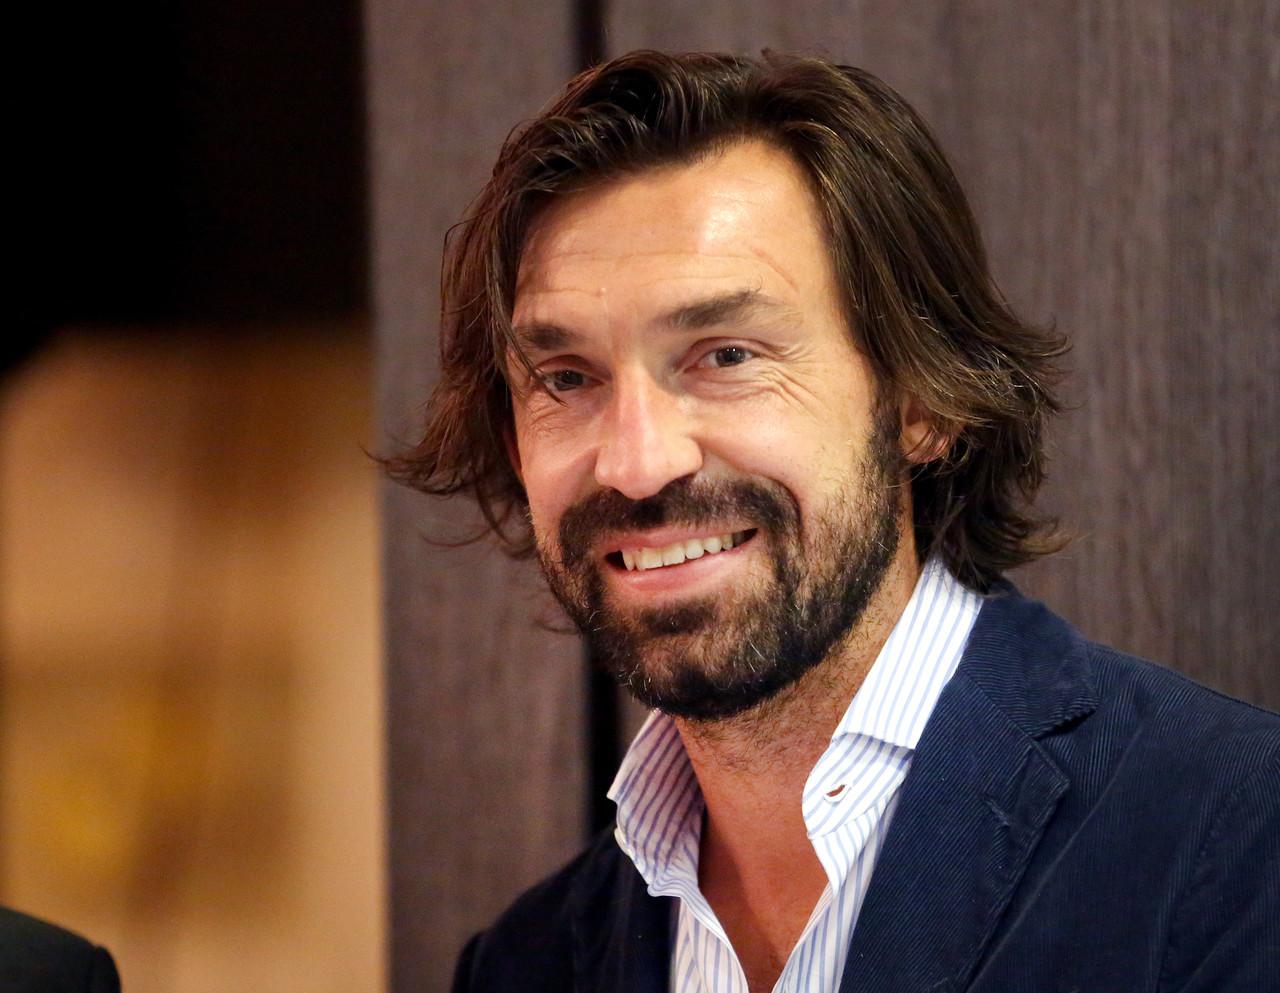 皮尔洛几个月之后将拿到欧足联的职业教练资格证